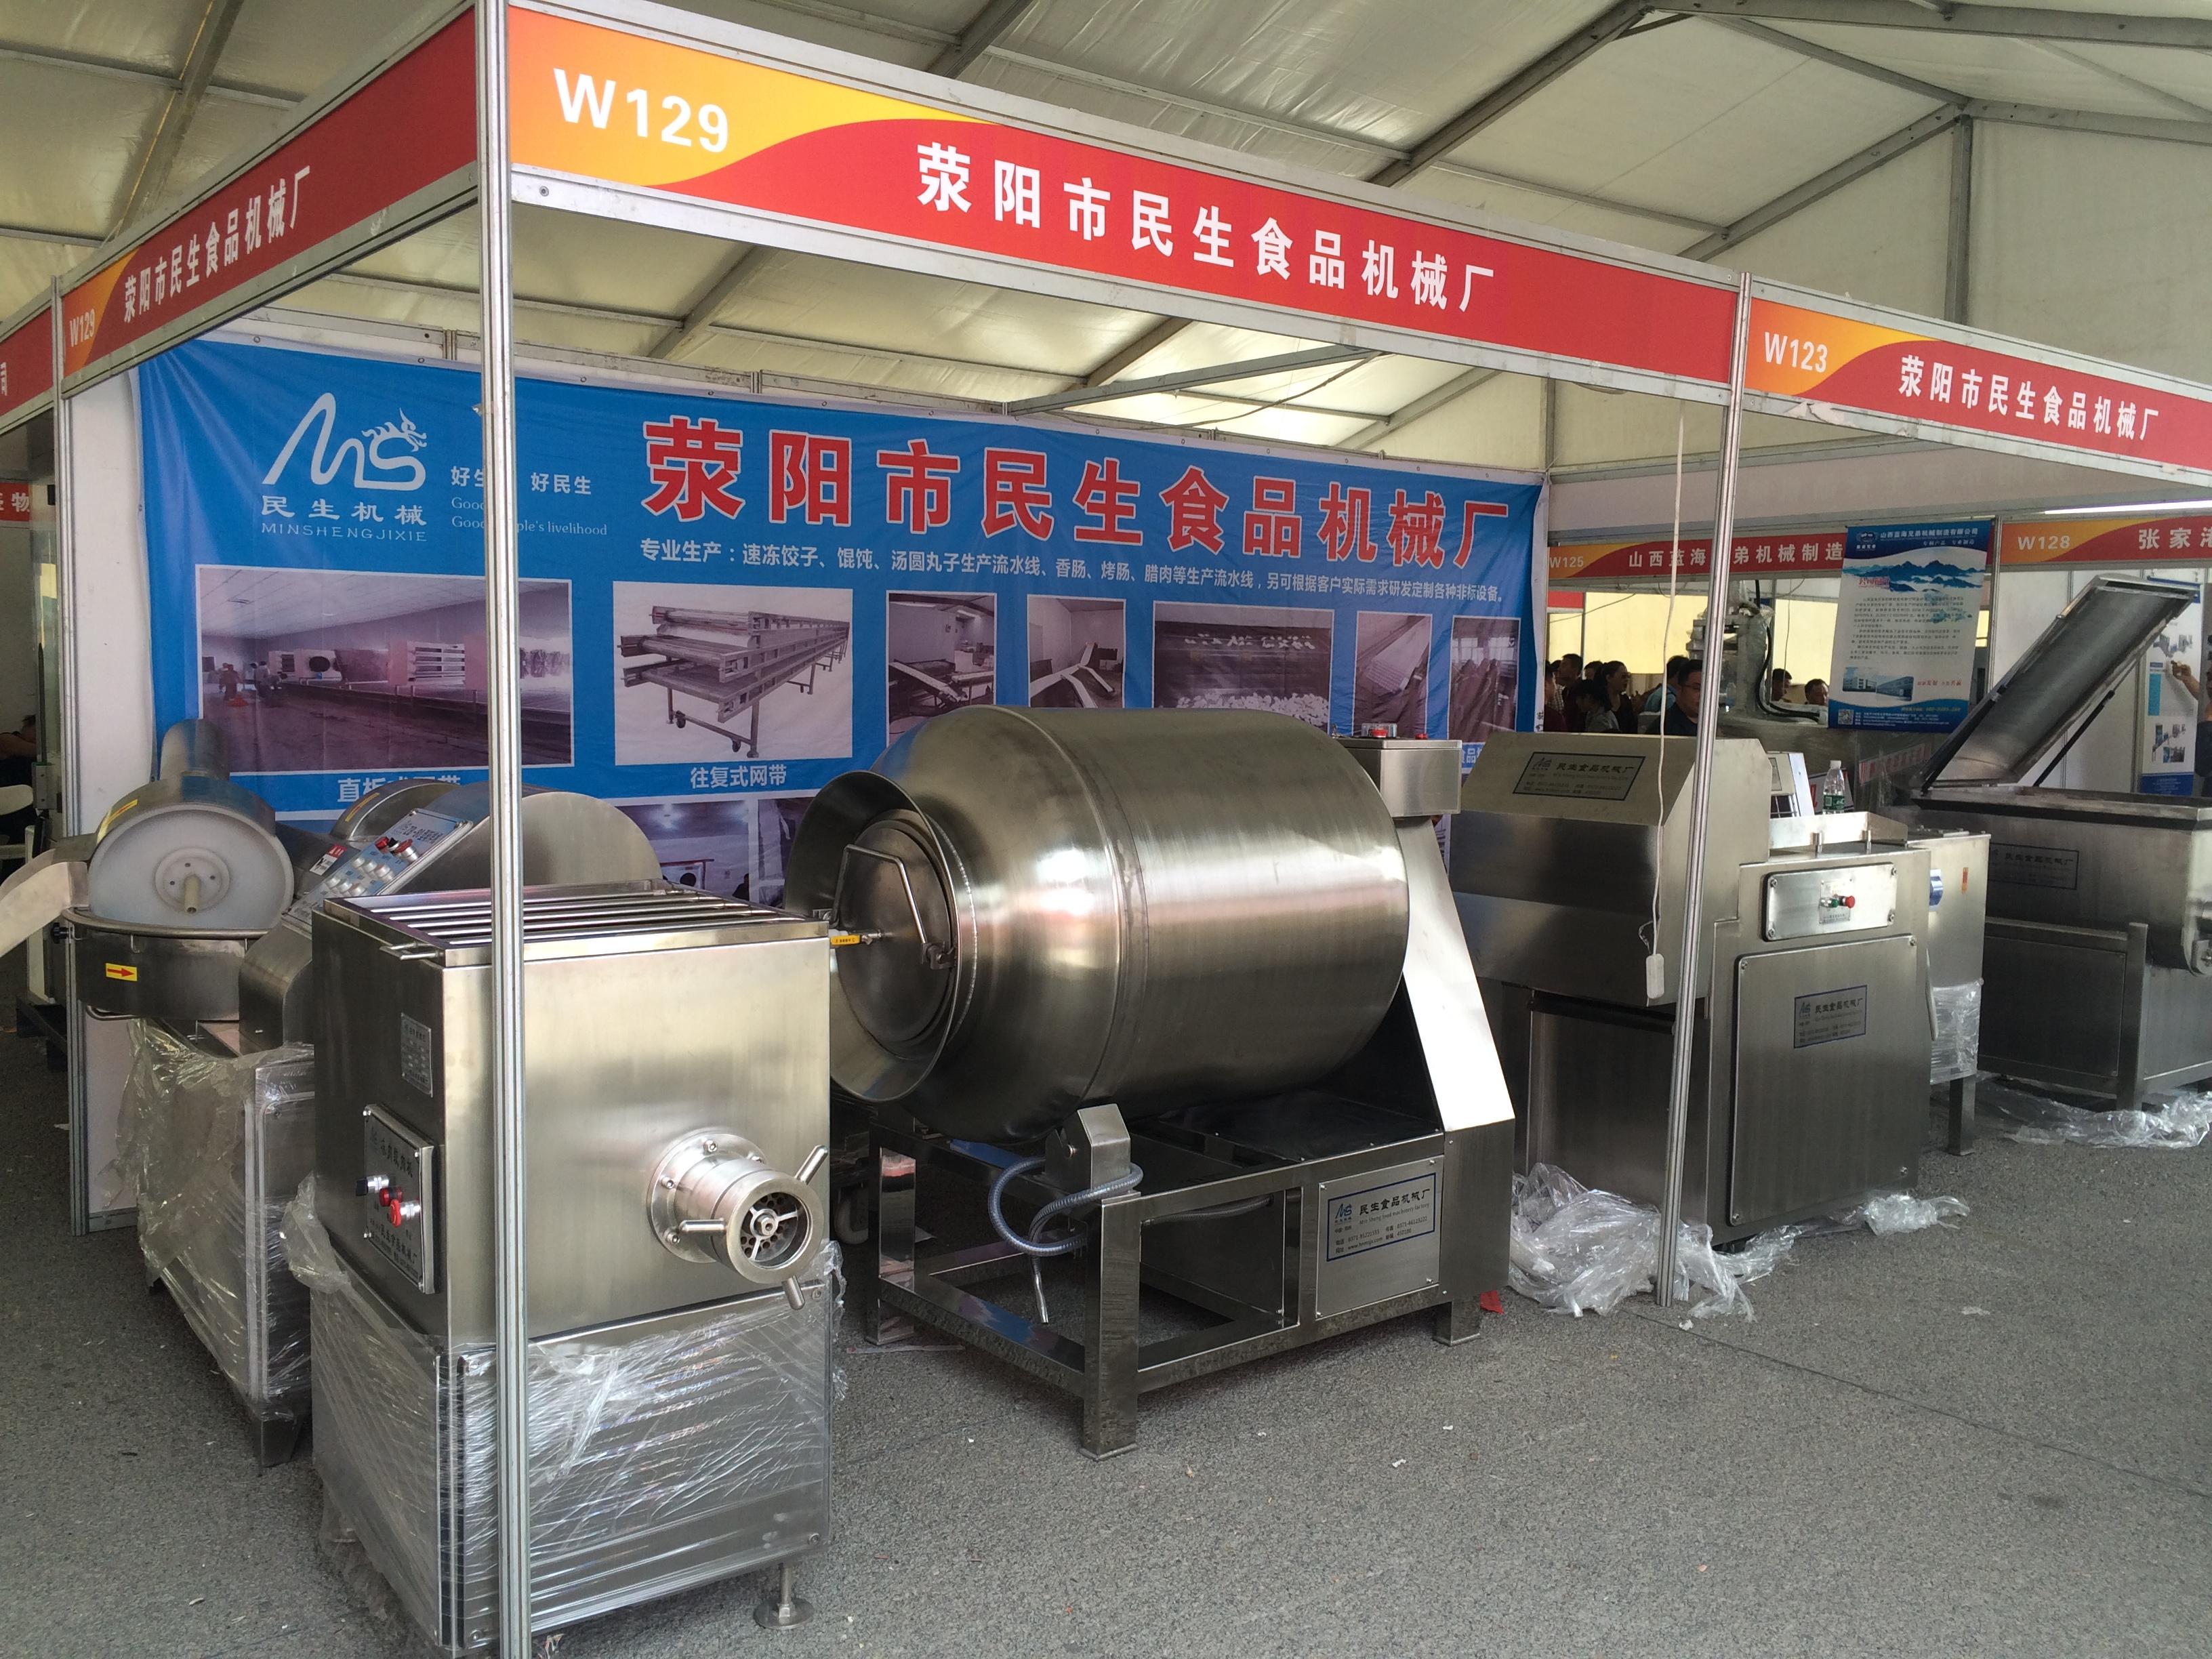 工艺精湛 品质卓越 民生机械食品机械展会光彩夺目